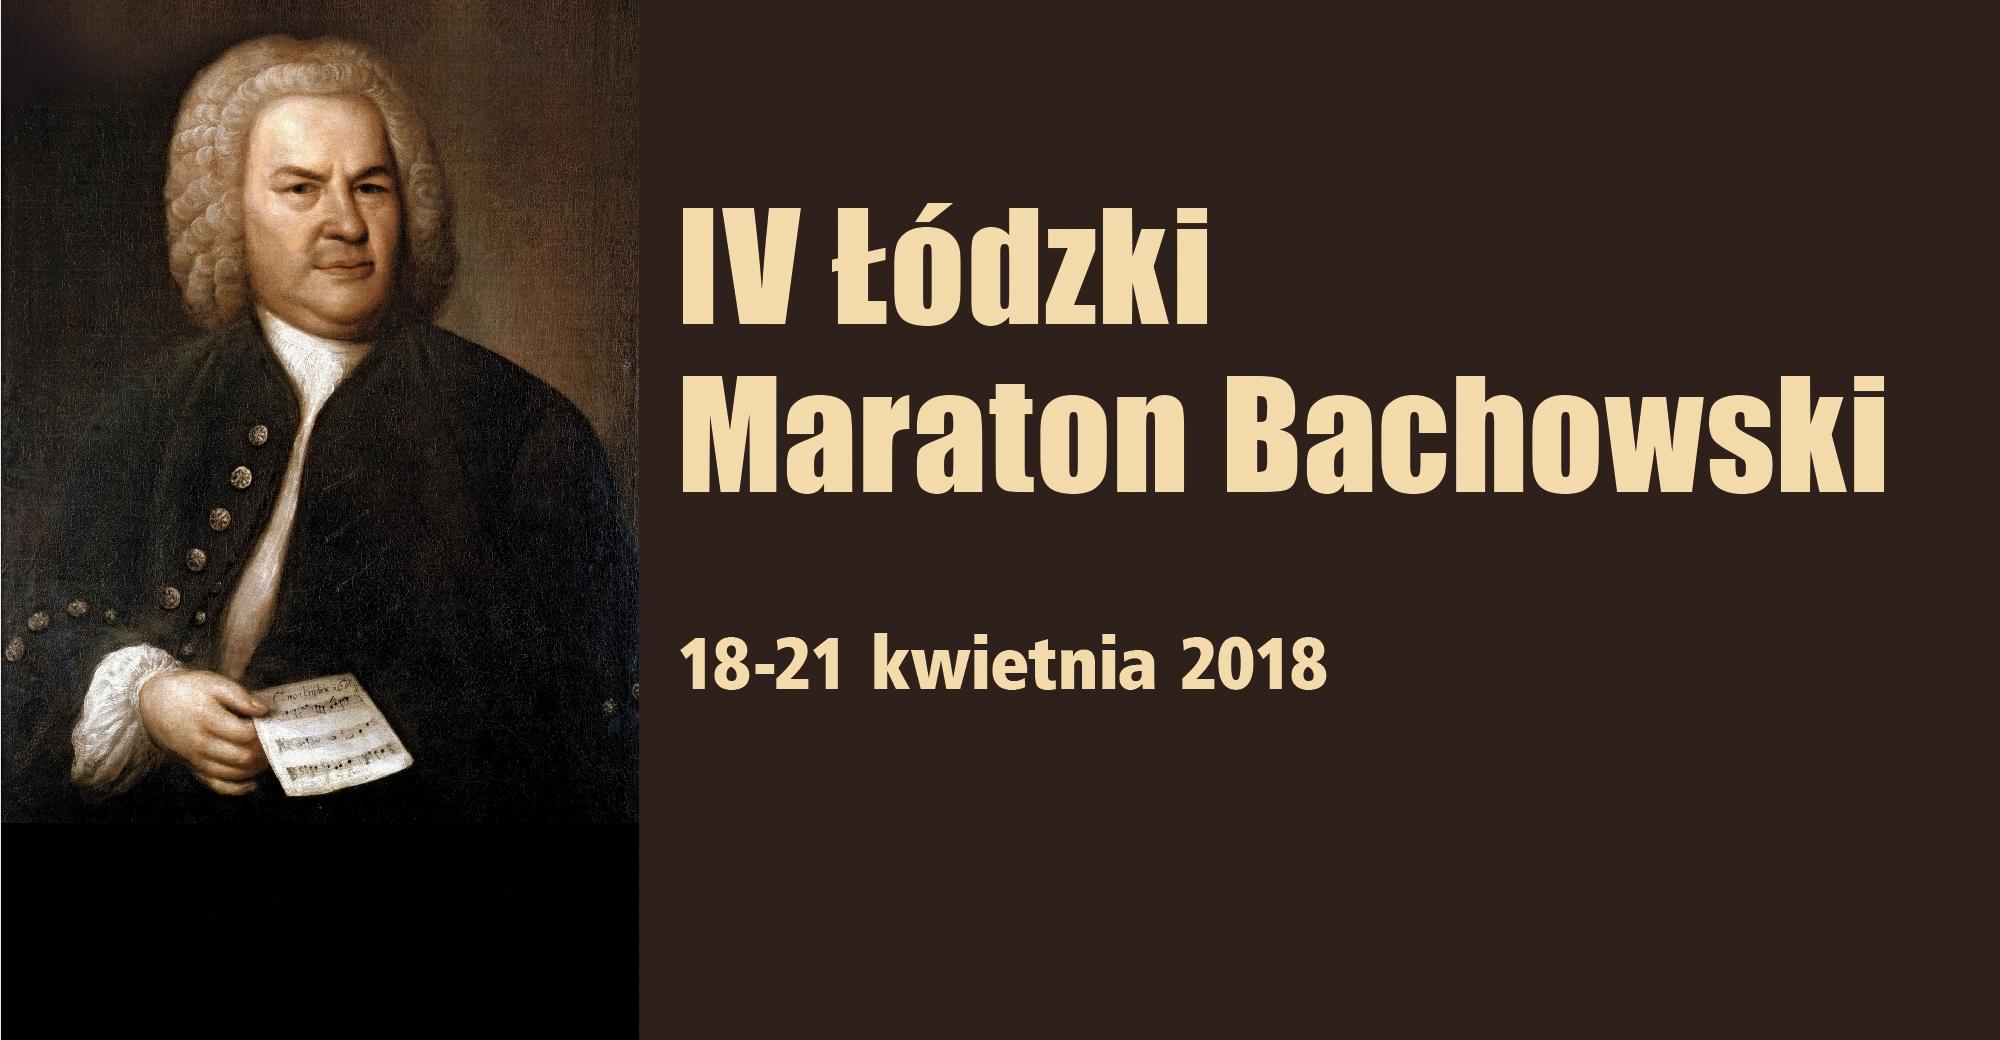 IV-Lodzki-Maraton-Bachowski-banner